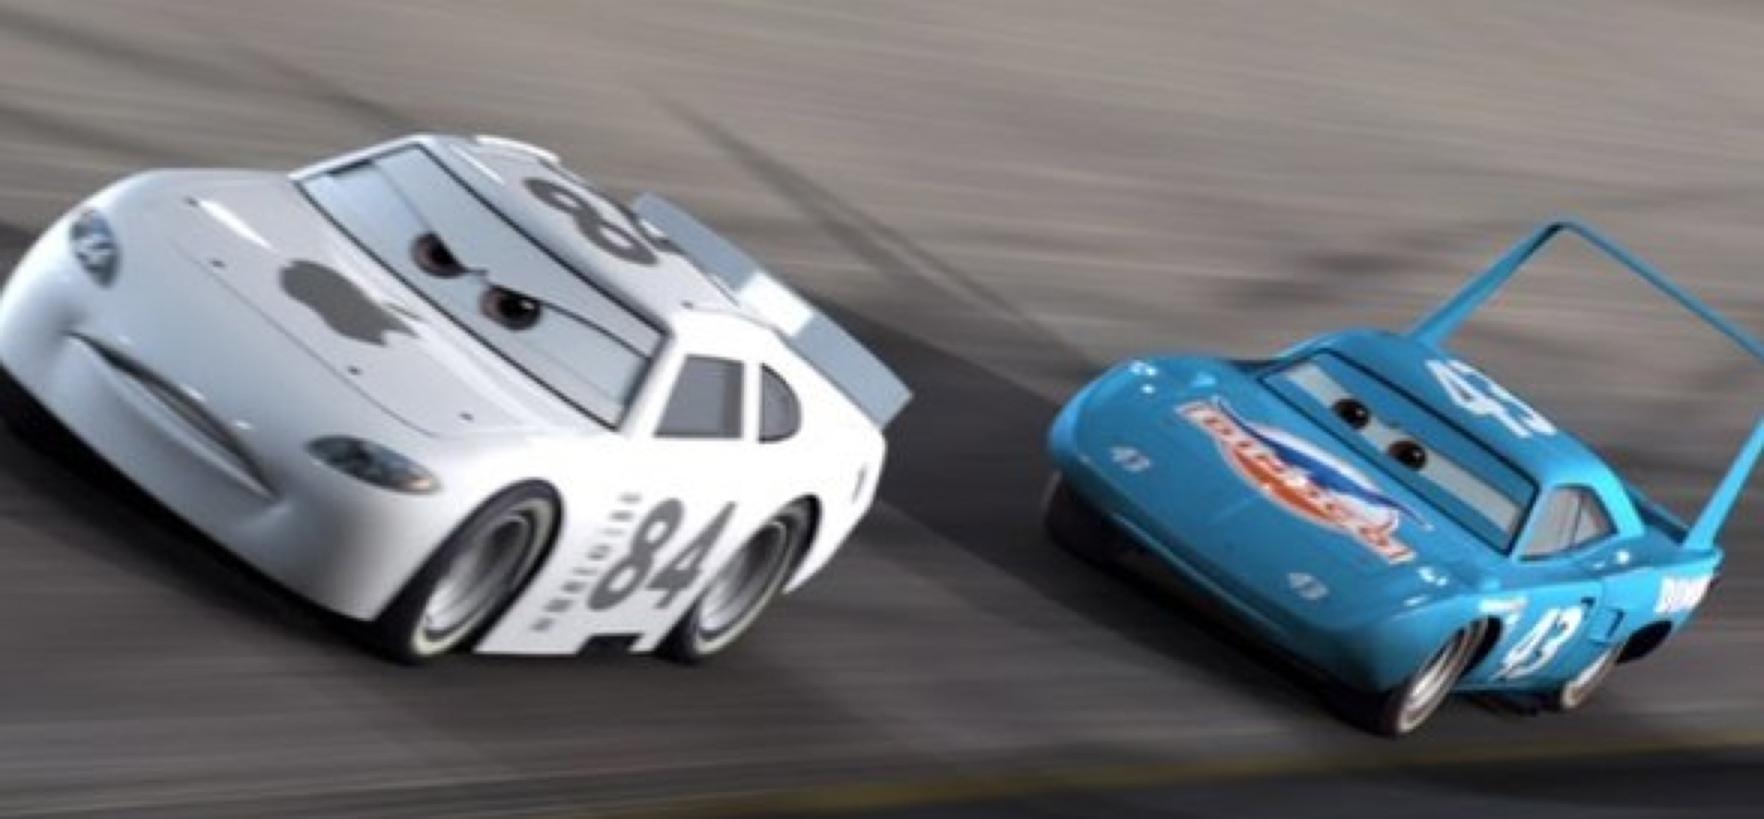 טוב, טעינו, הנה עוד תיעוד של מכונית אפל בחופשי